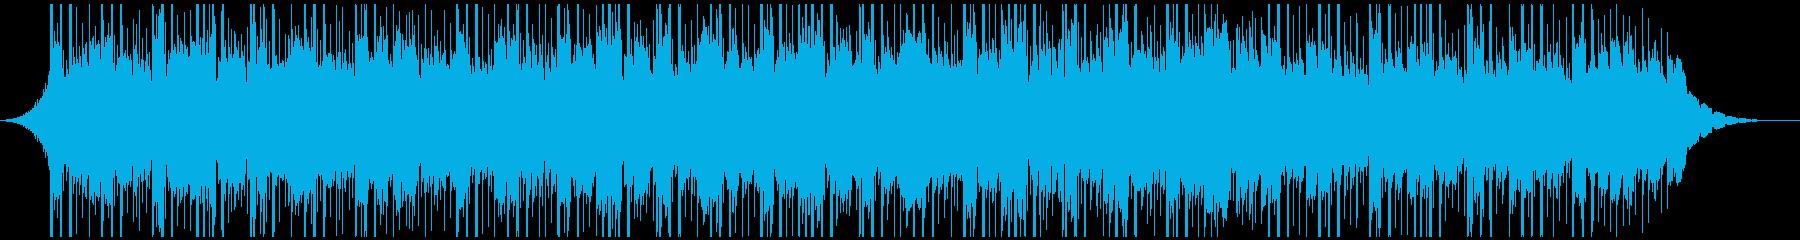 テクノロジーミュージック(ミディアム)の再生済みの波形